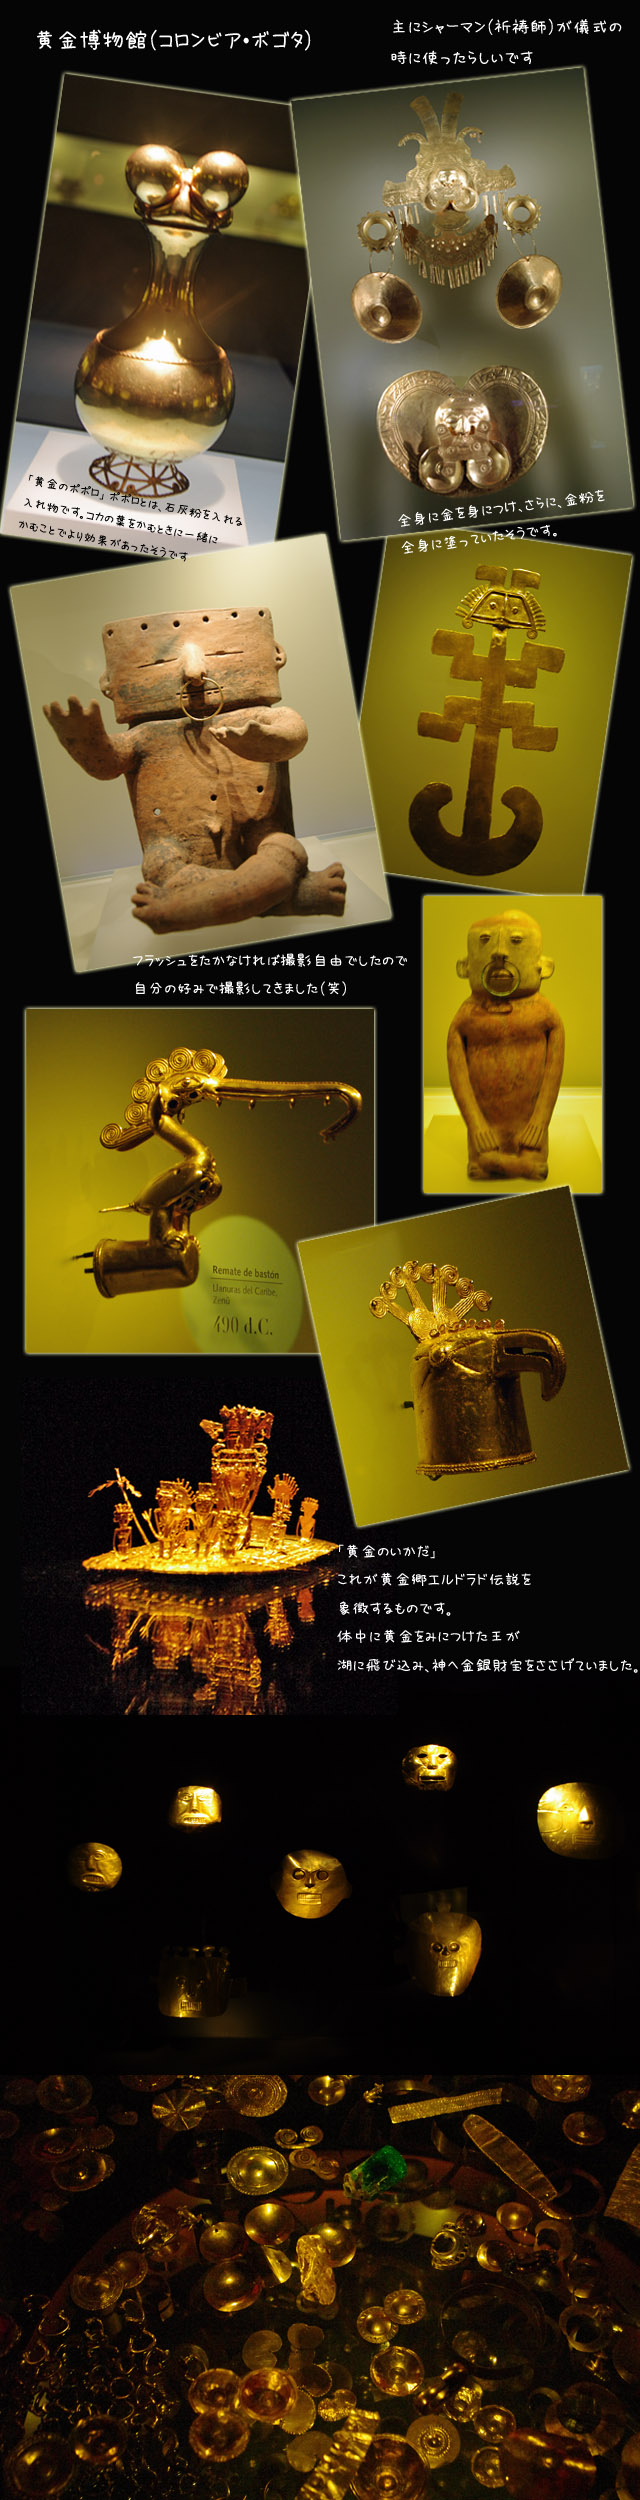 黄金博物館(ボゴタ・コロンビア)_b0019313_1832813.jpg